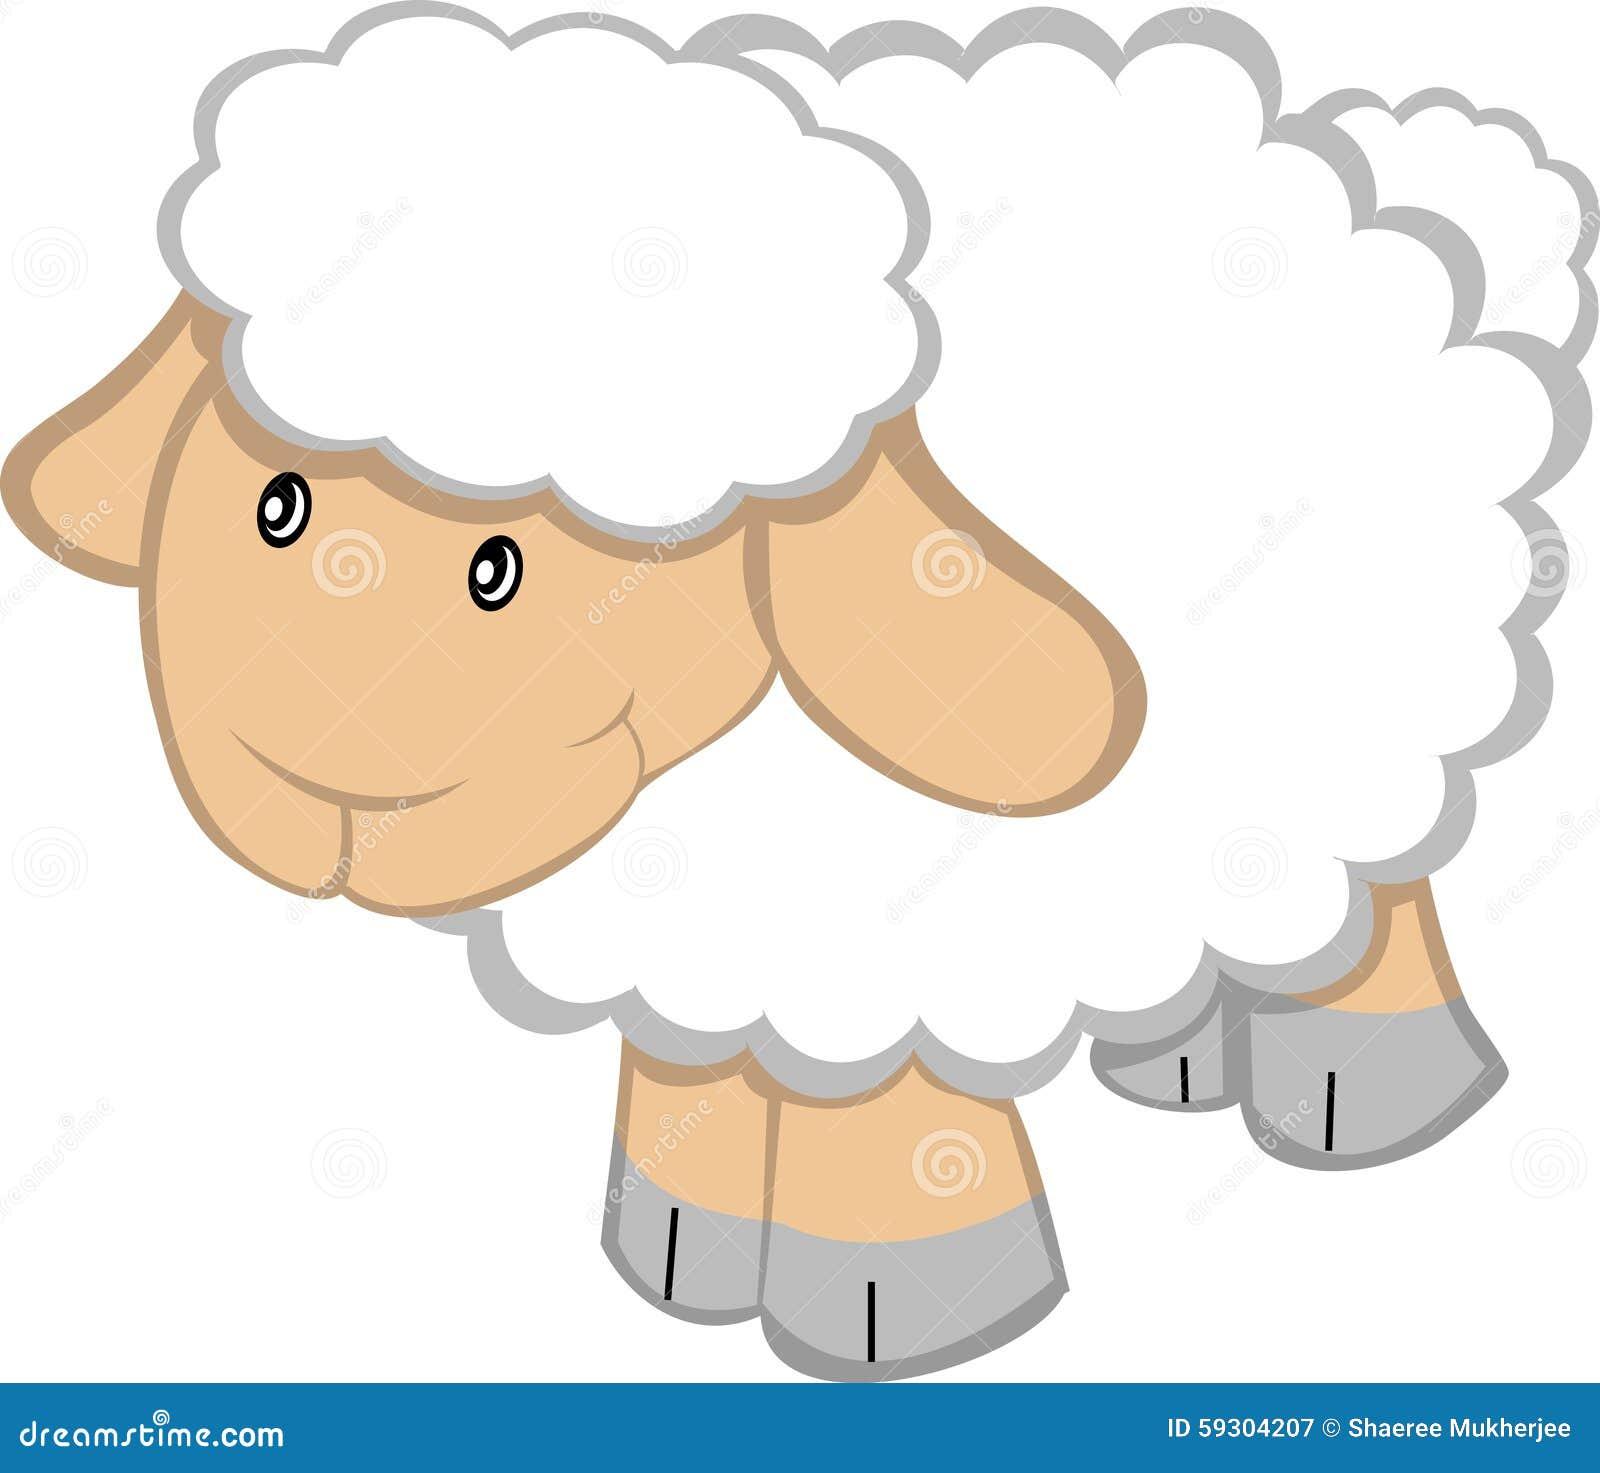 Cartoon Sheep Stock Vector. Illustration Of Illustration